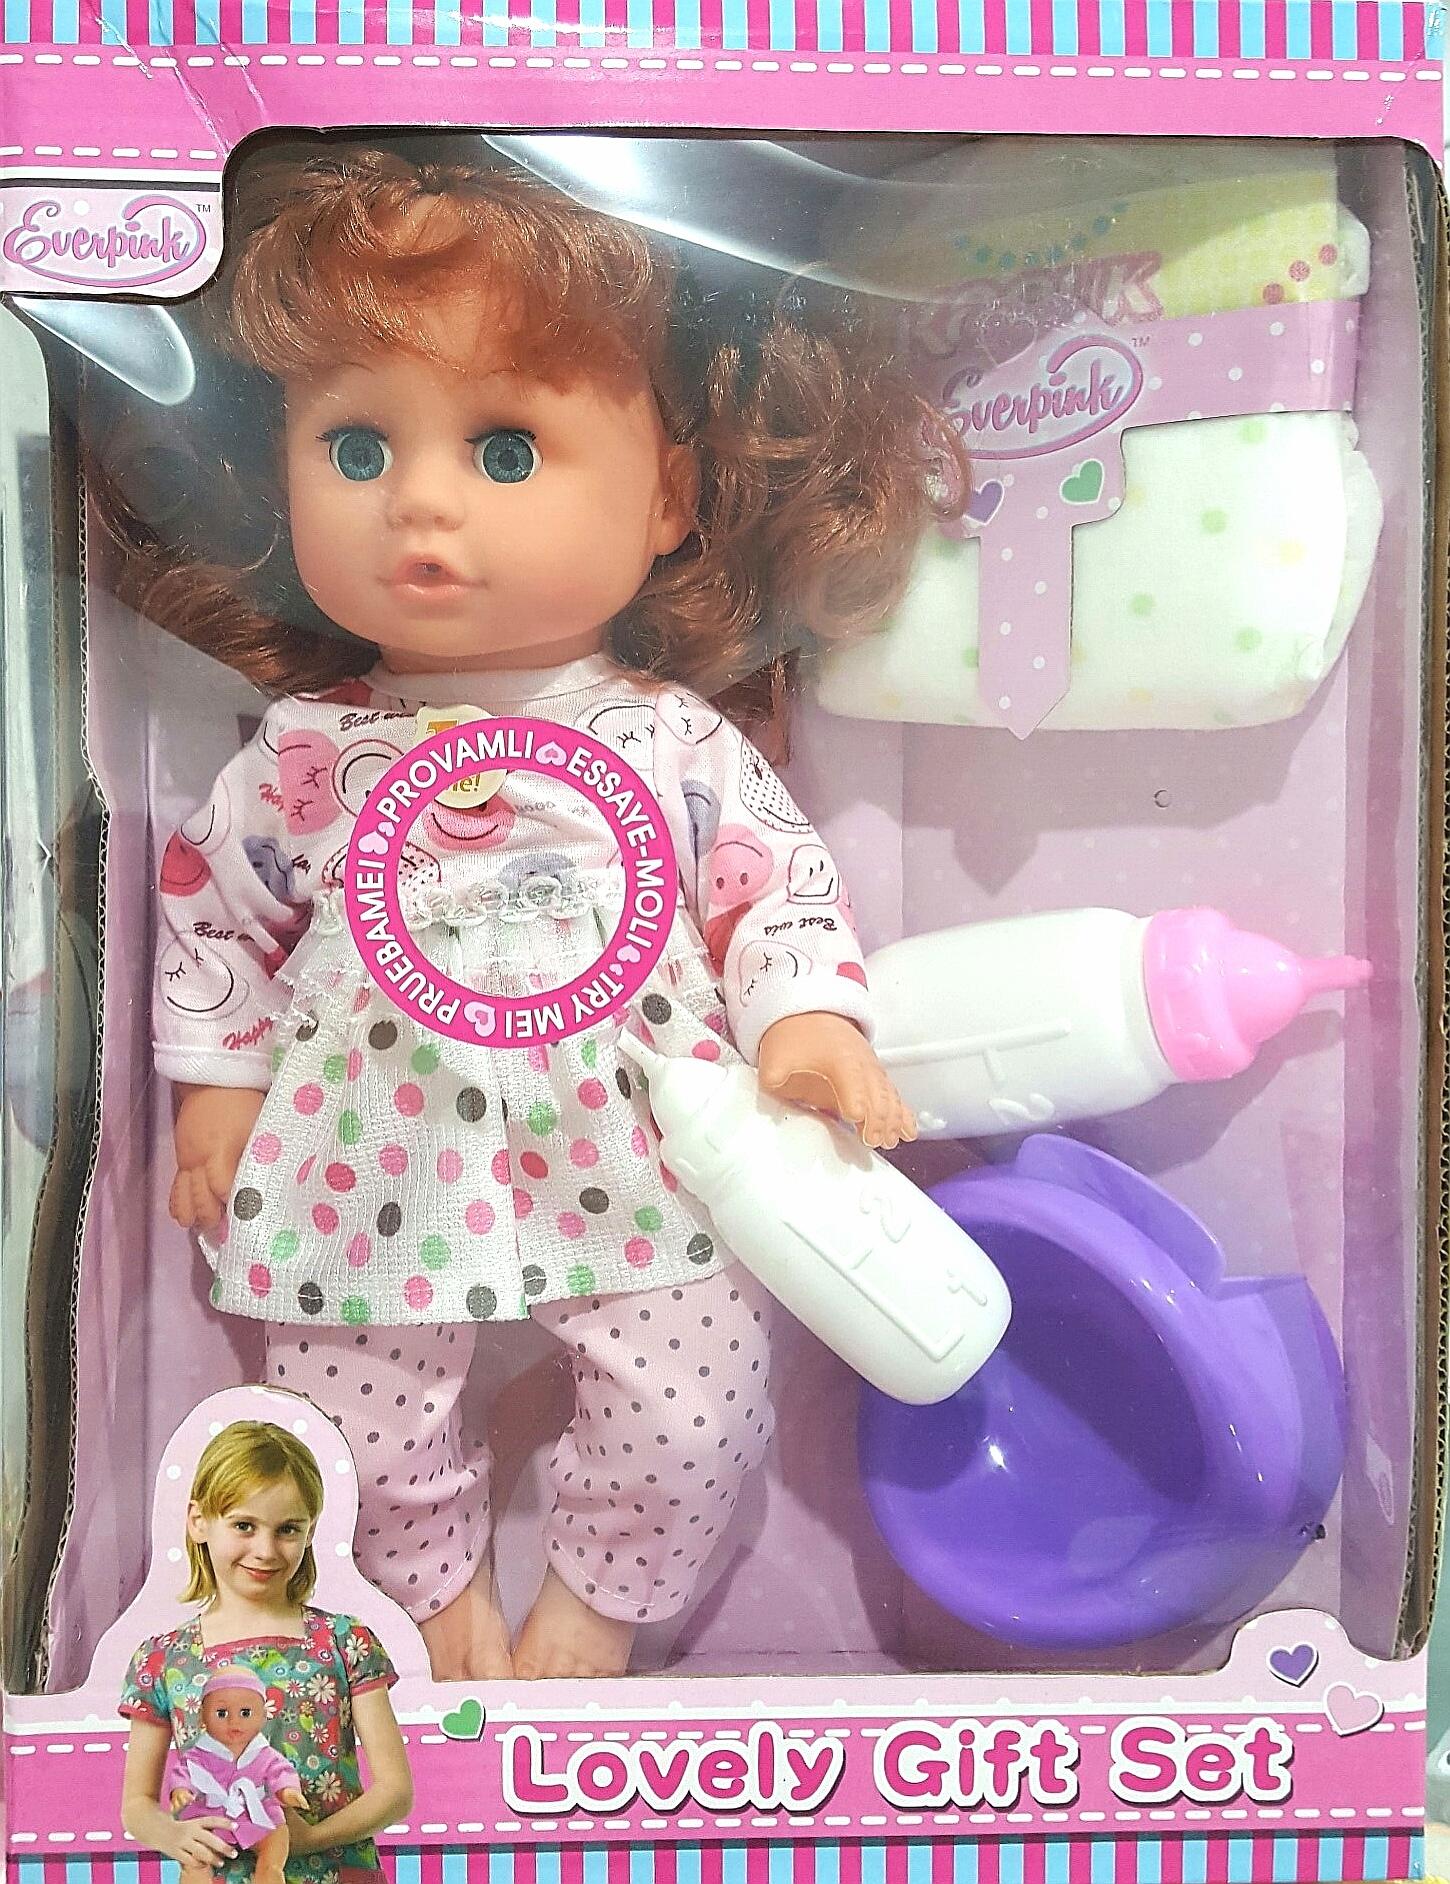 พร้อมส่งตุ๊กตาดูดนม Lovely Gift Set ฉี่ได้ด้วย พร้อมอุปกรณ์ ส่งฟรี